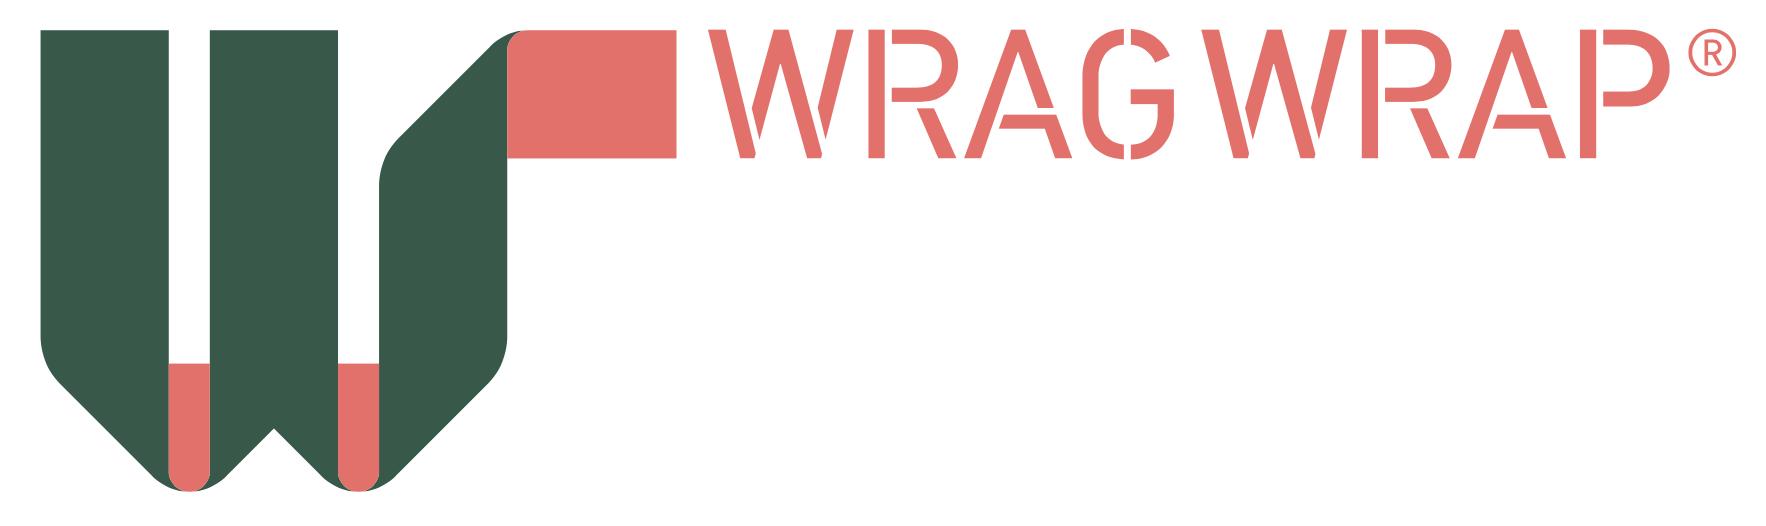 Wrag Wrap